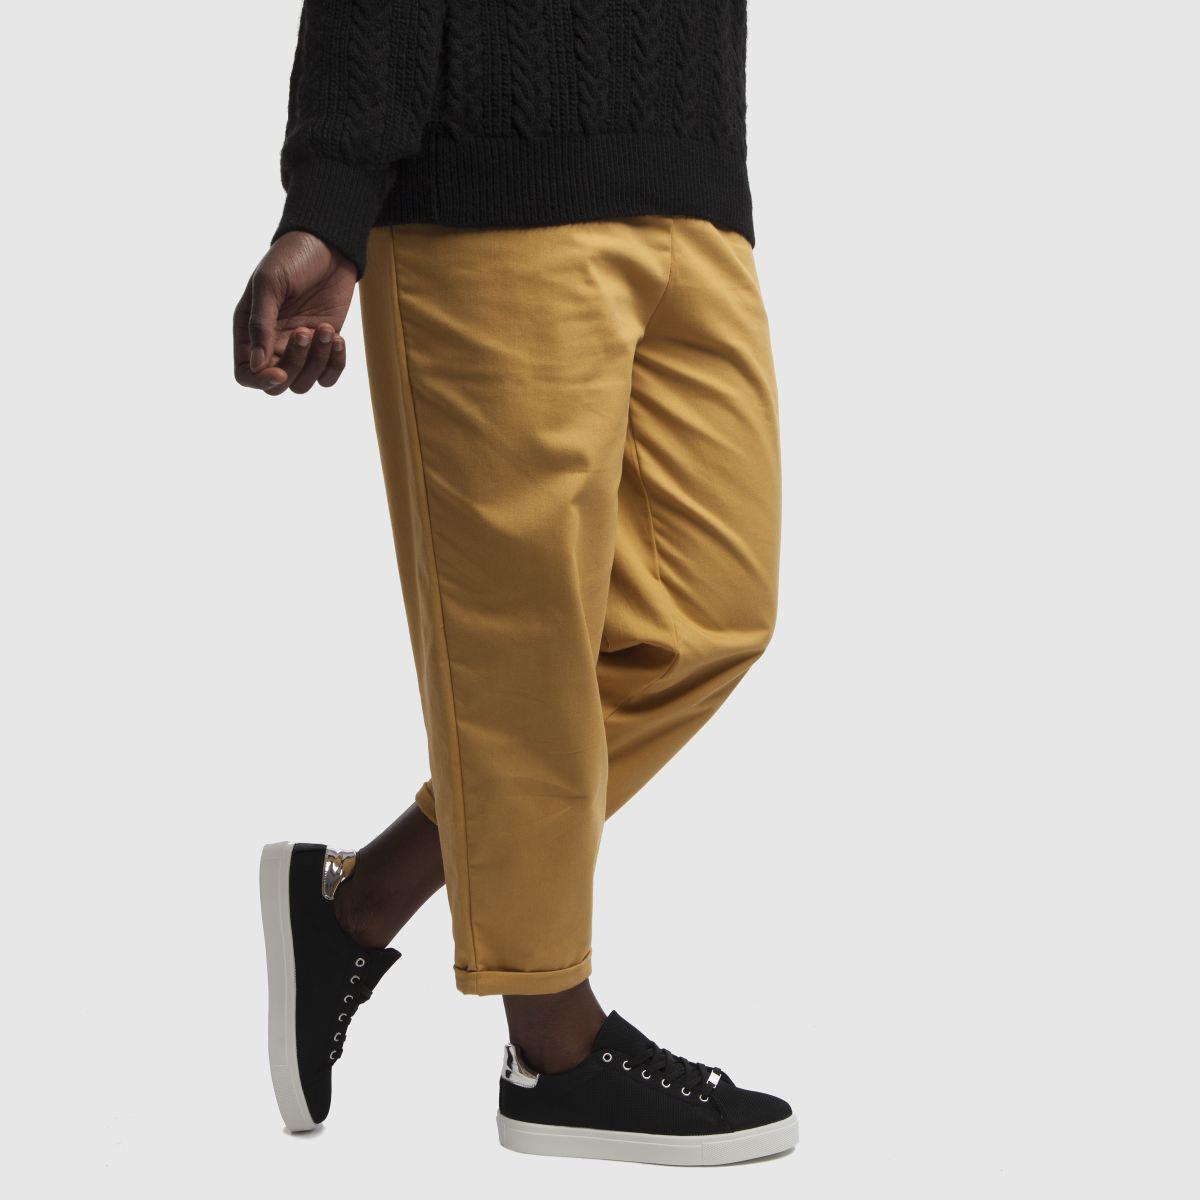 Damen Schwarz-weiß schuh Rising Star Sneaker | schuh Gute Qualität beliebte Schuhe